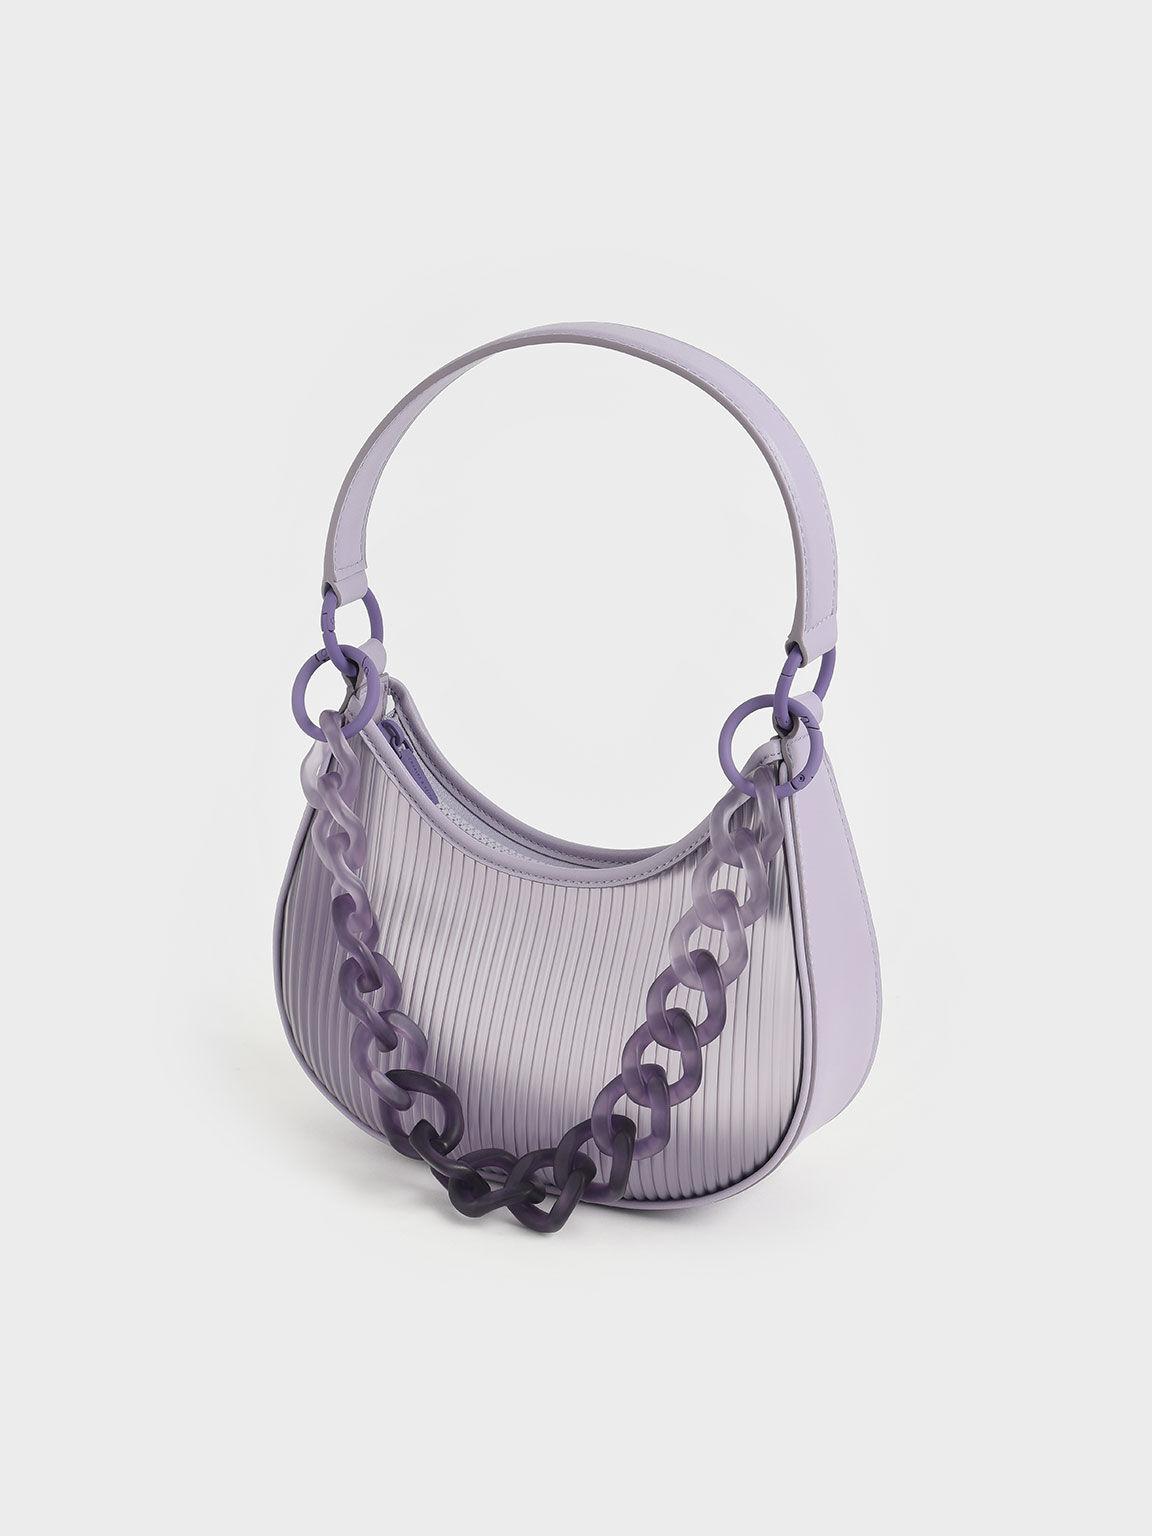 Acrylic Chain Handle Hobo Bag, Lilac, hi-res